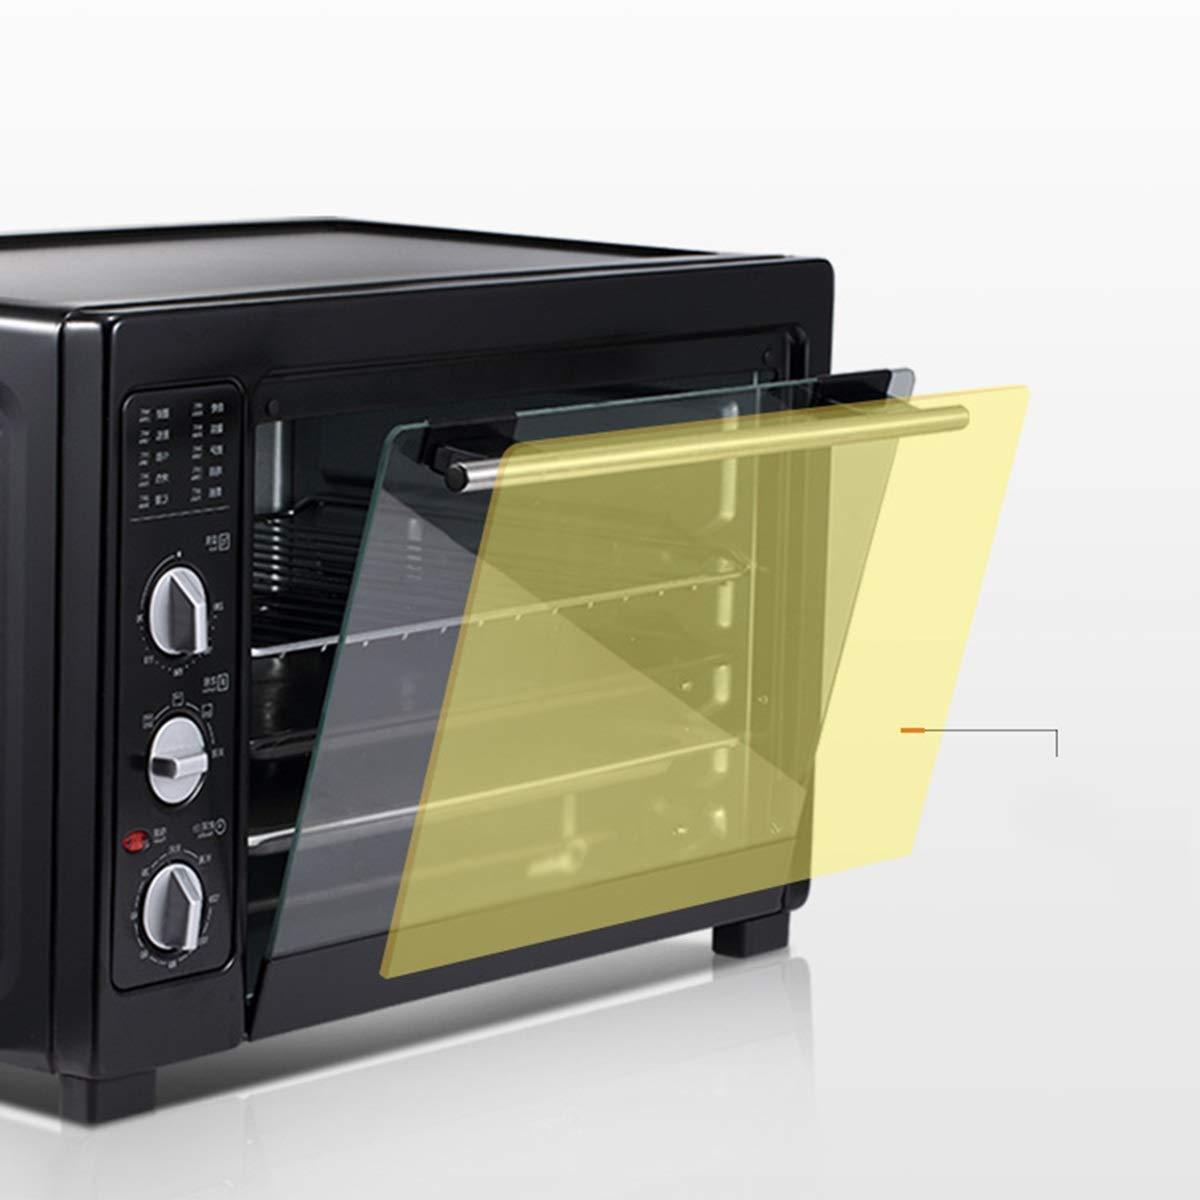 THOR-YAN ミニオーブン - 電気オーブン家庭用多機能オーブンベーキングマシン38 L大容量ミニオーブン -46 オーブン   B07NWYHH6D